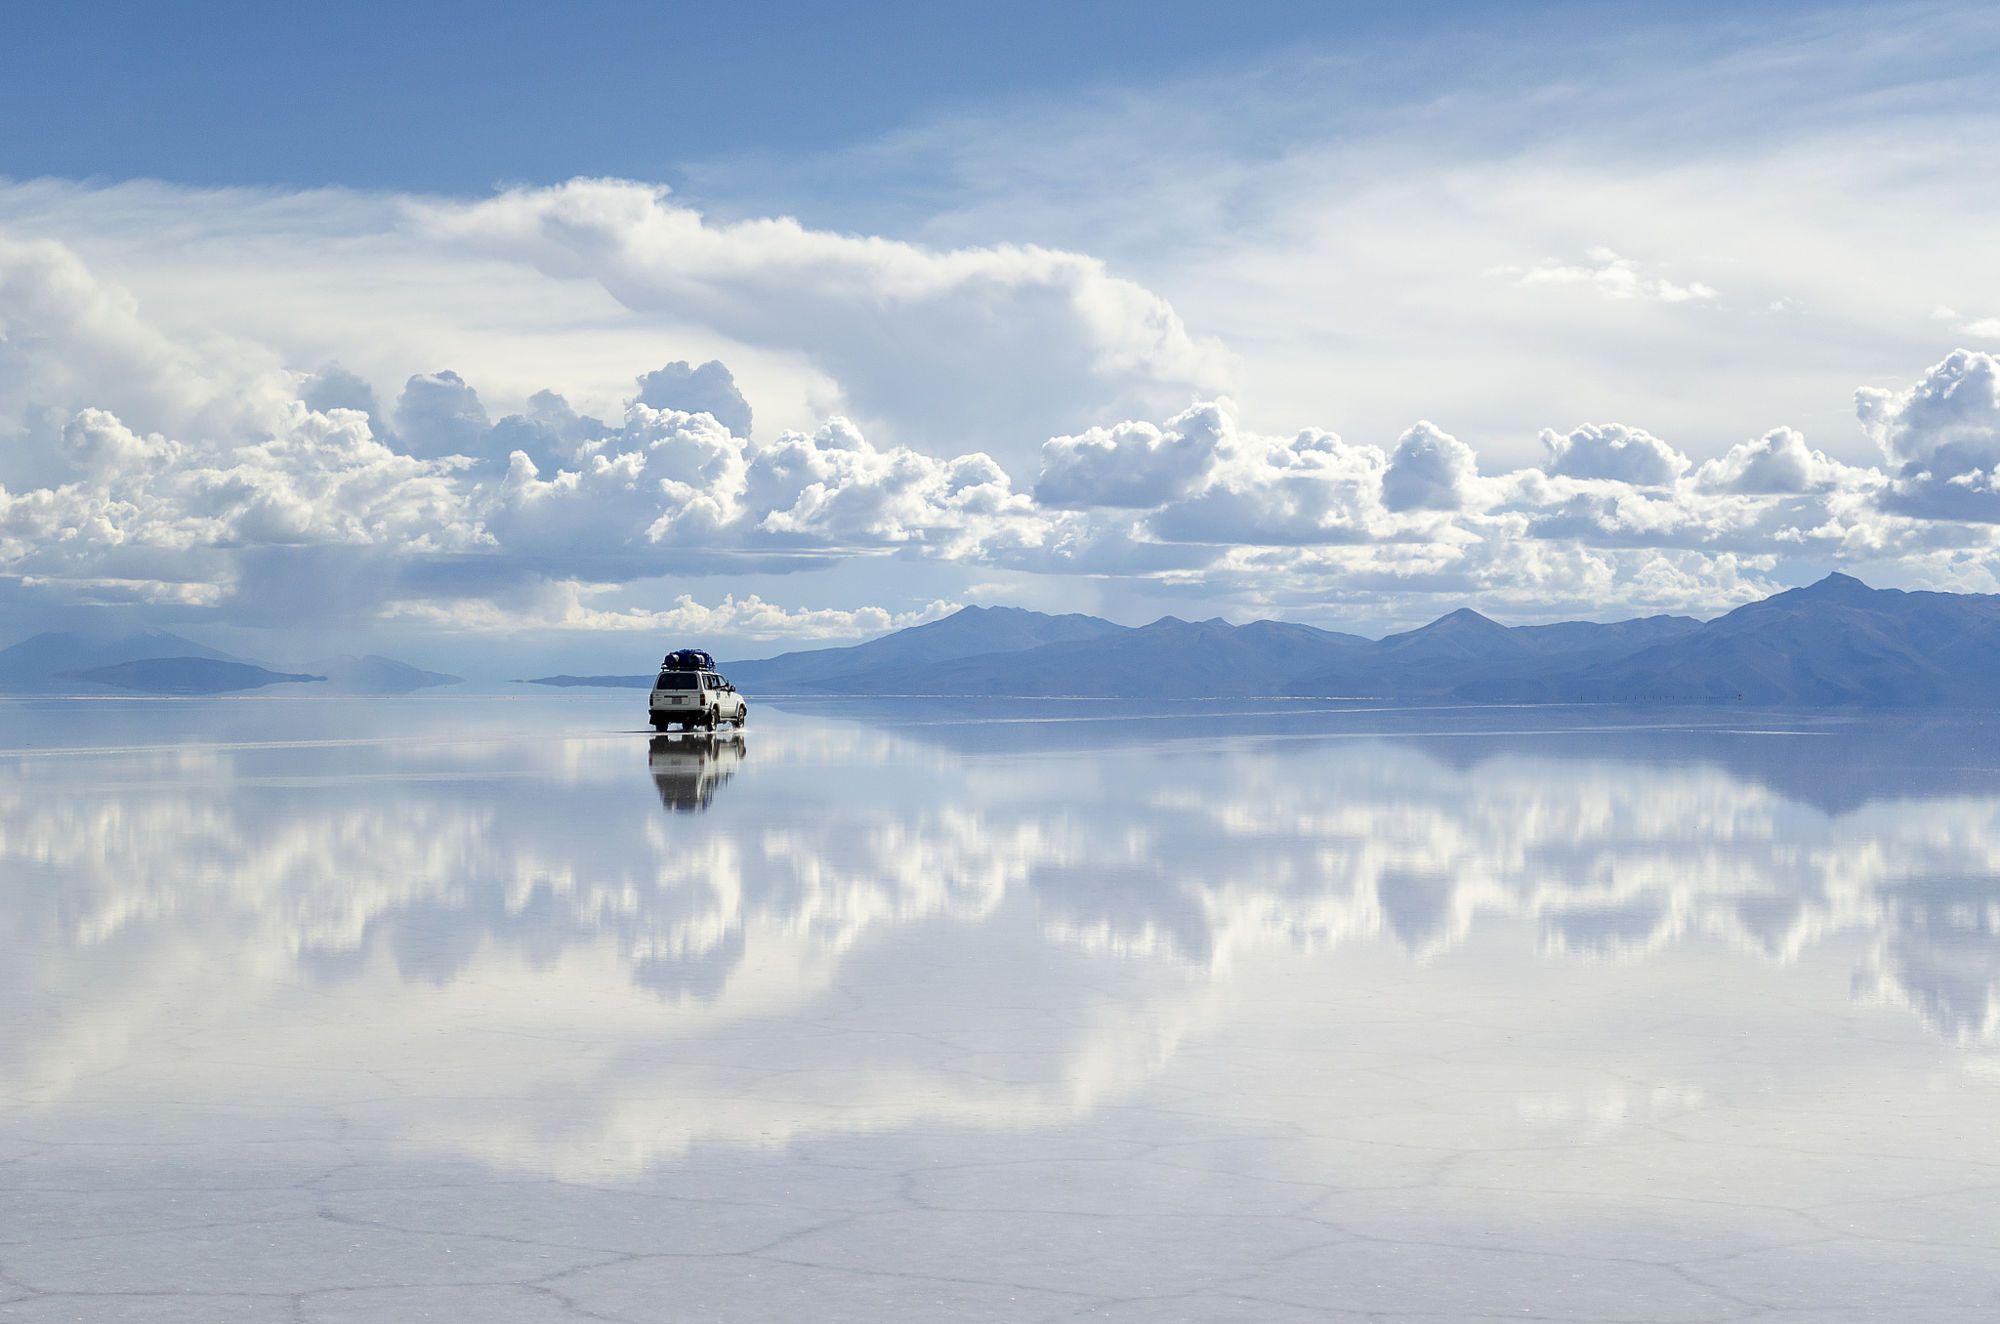 Salar De Uyuni, Bolivia - Uyuni Salt Flat, Bolivia